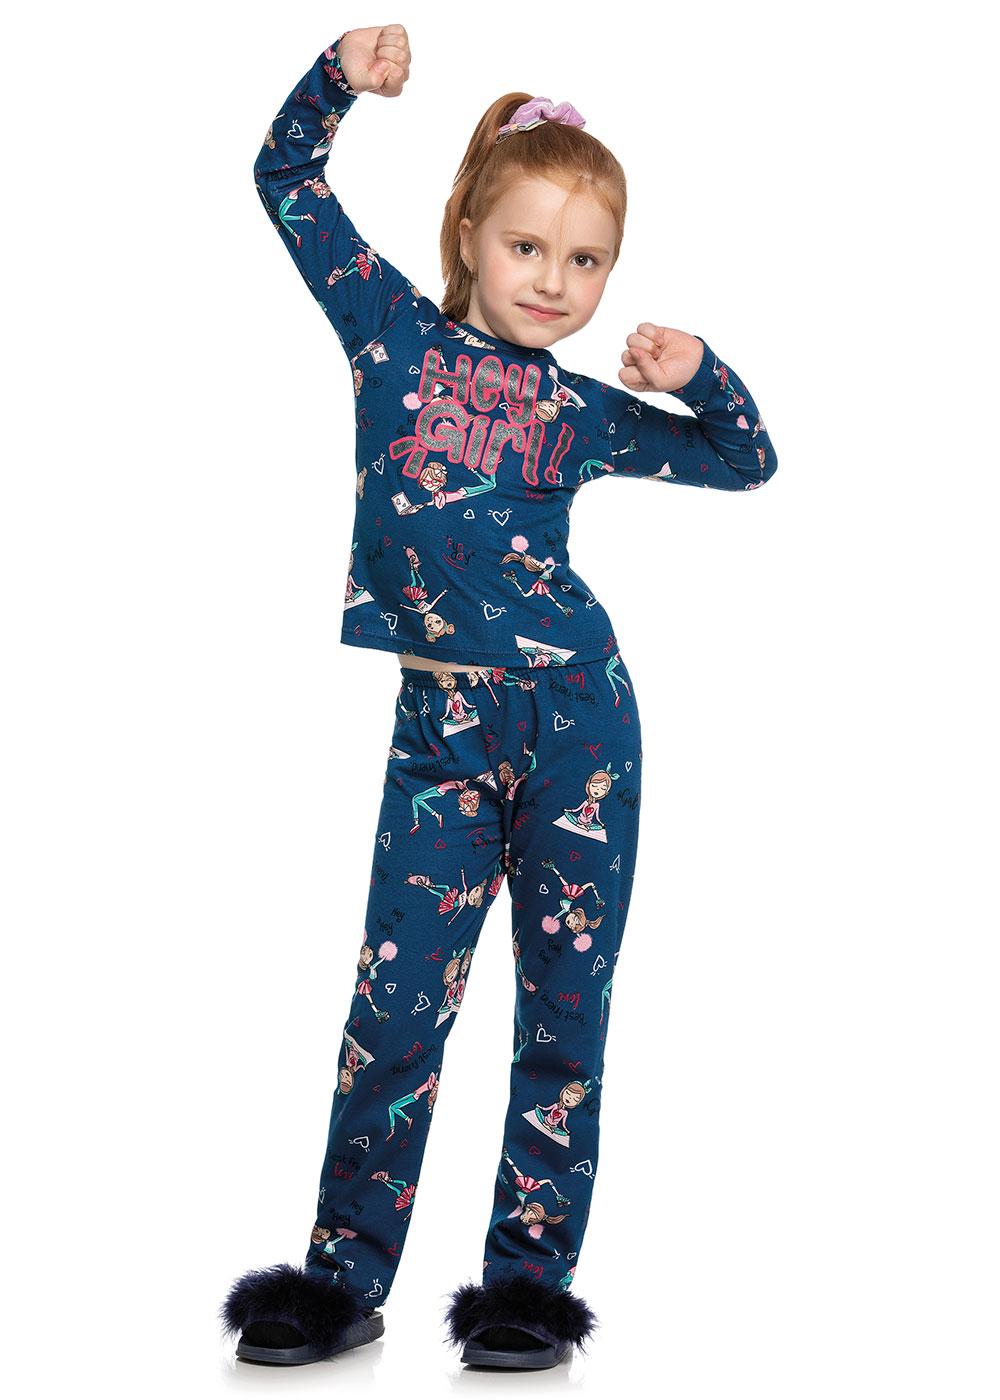 Pijama Infantil Feminino Inverno Azul Hey Girl - Elian